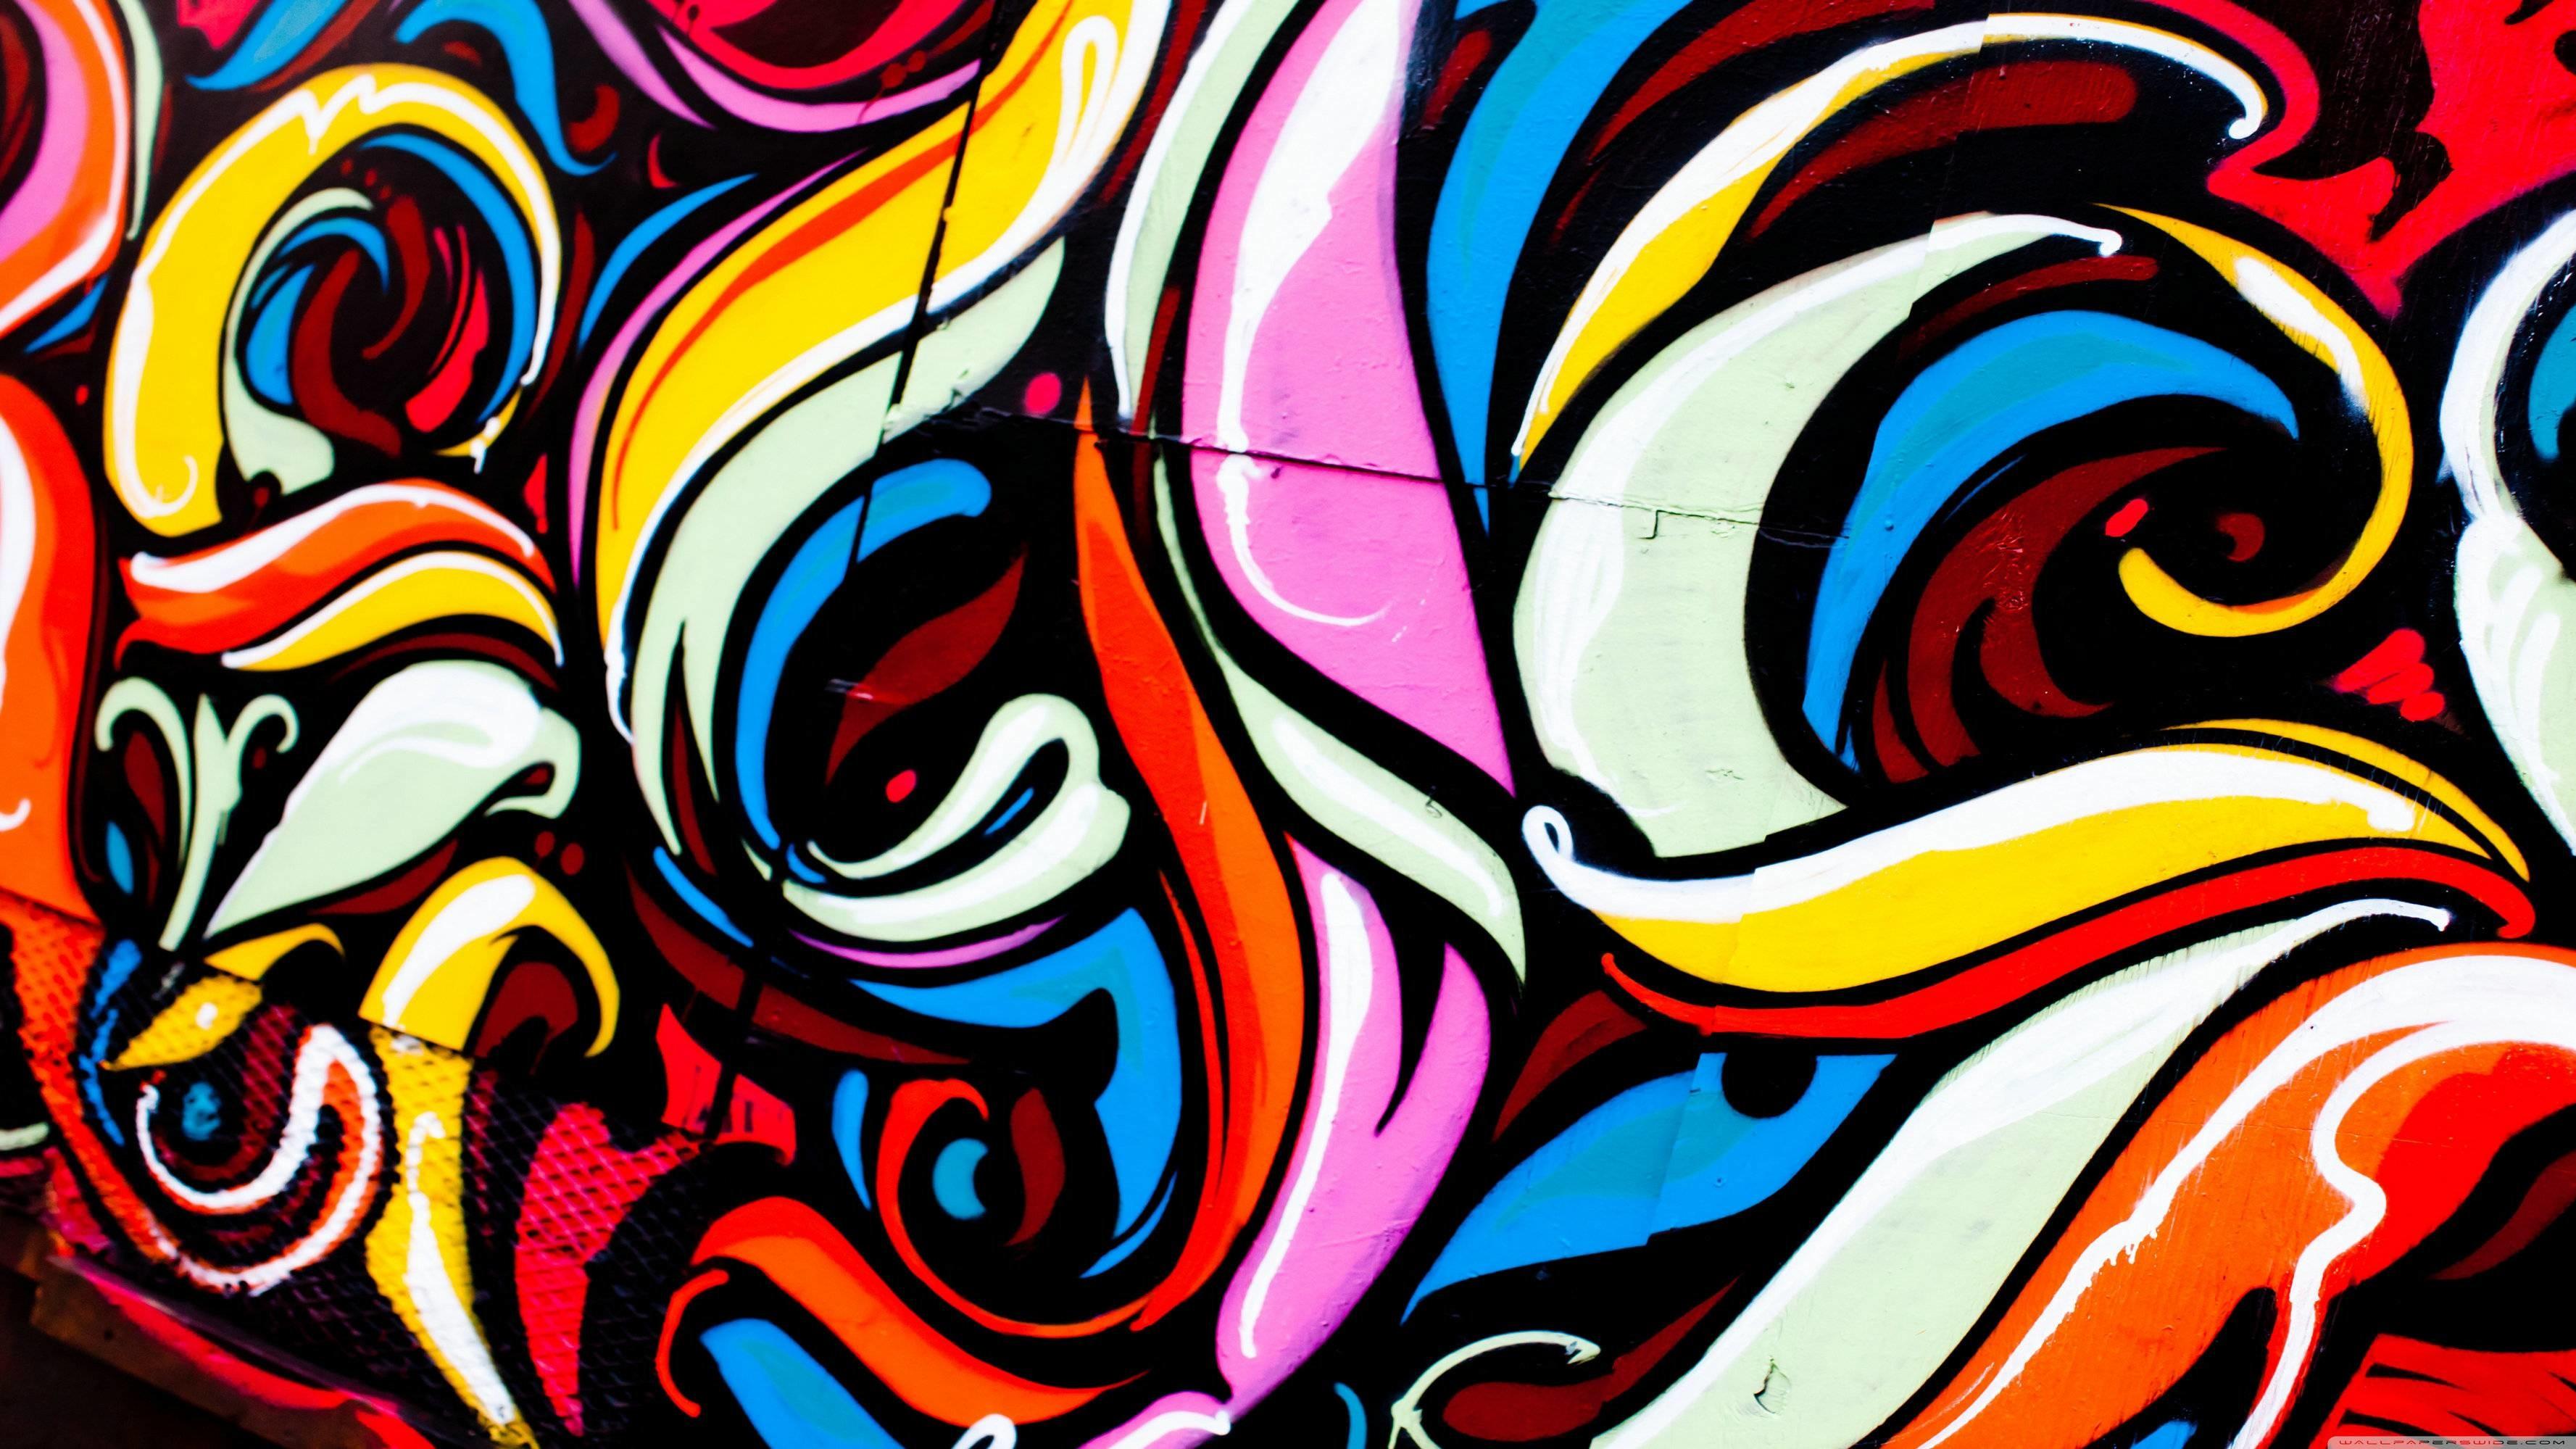 Graffiti Backgrounds For Desktop 1